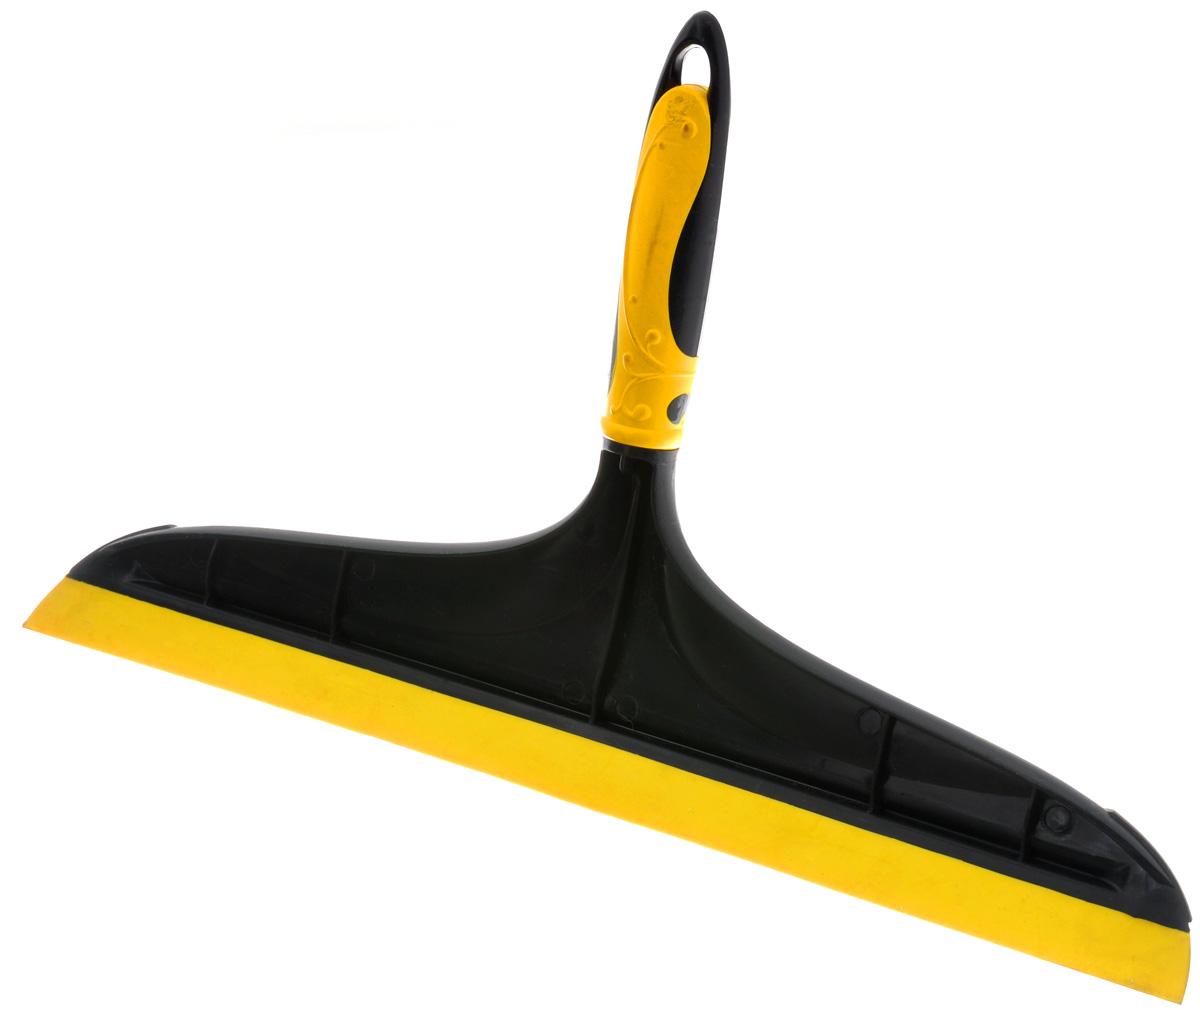 Сгон для воды Banat Эко, цвет: желтый, черный, 34 см860383Сгон для воды Banat идеально подходит для мытья окон, стекол и зеркал дома, в офисе, автомобиле. Специальная резиновая накладка быстро сгоняет лишнюю воду, оставляя поверхность чистой и сверкающей. Аксессуар снабжен удобной нескользящей прорезиненной ручкой с отверстием для подвеса.